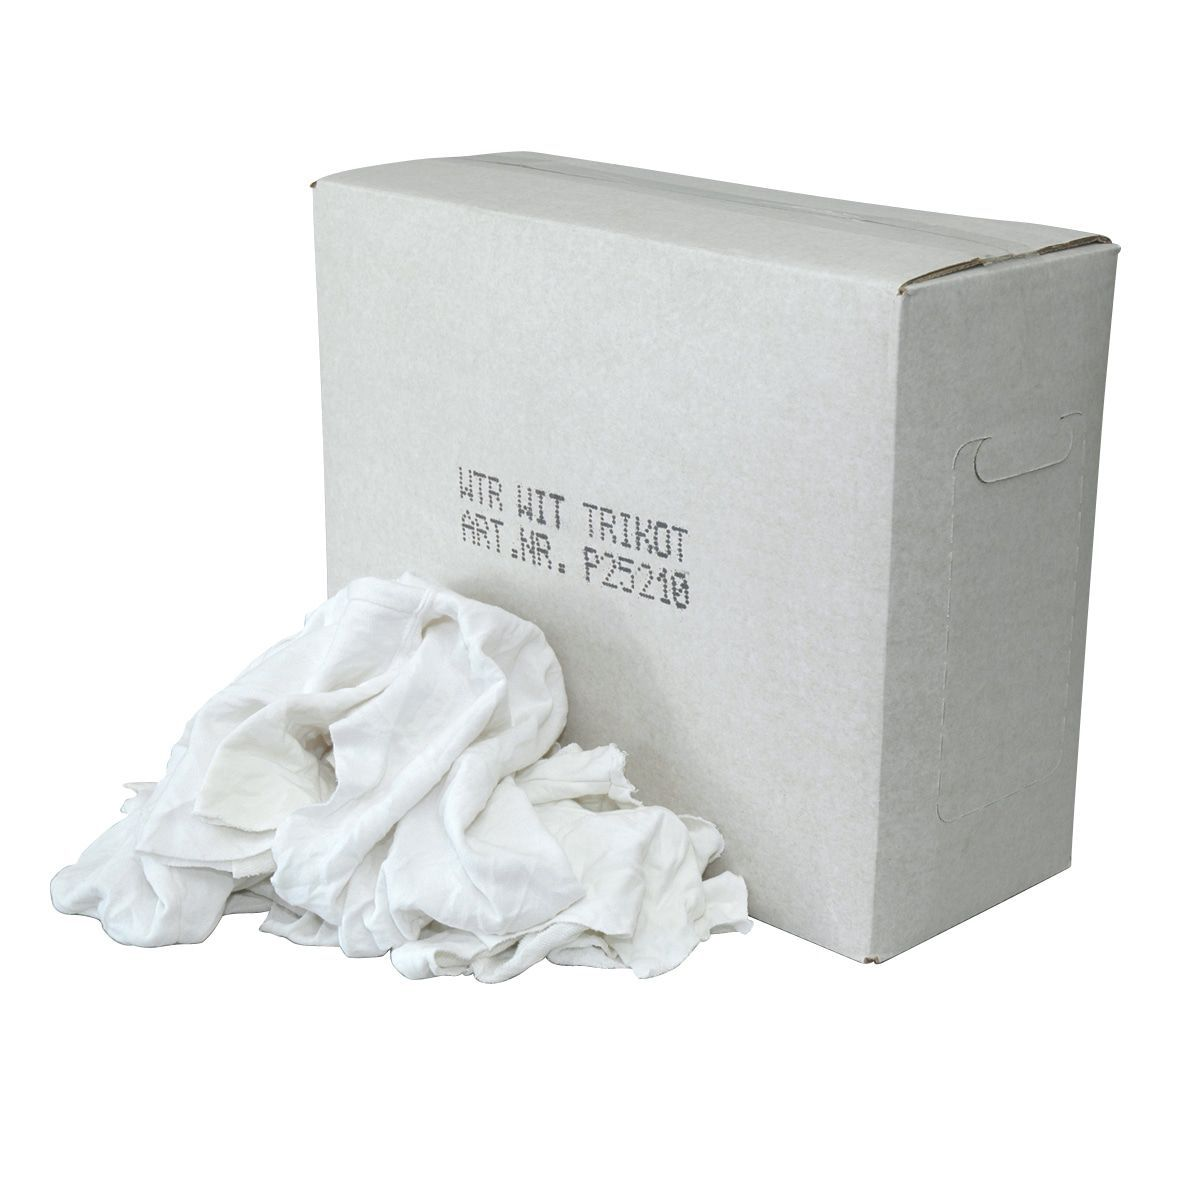 Poetsdoeken P25210 wit tricot met een gekleurd randje 10kg (P25210)